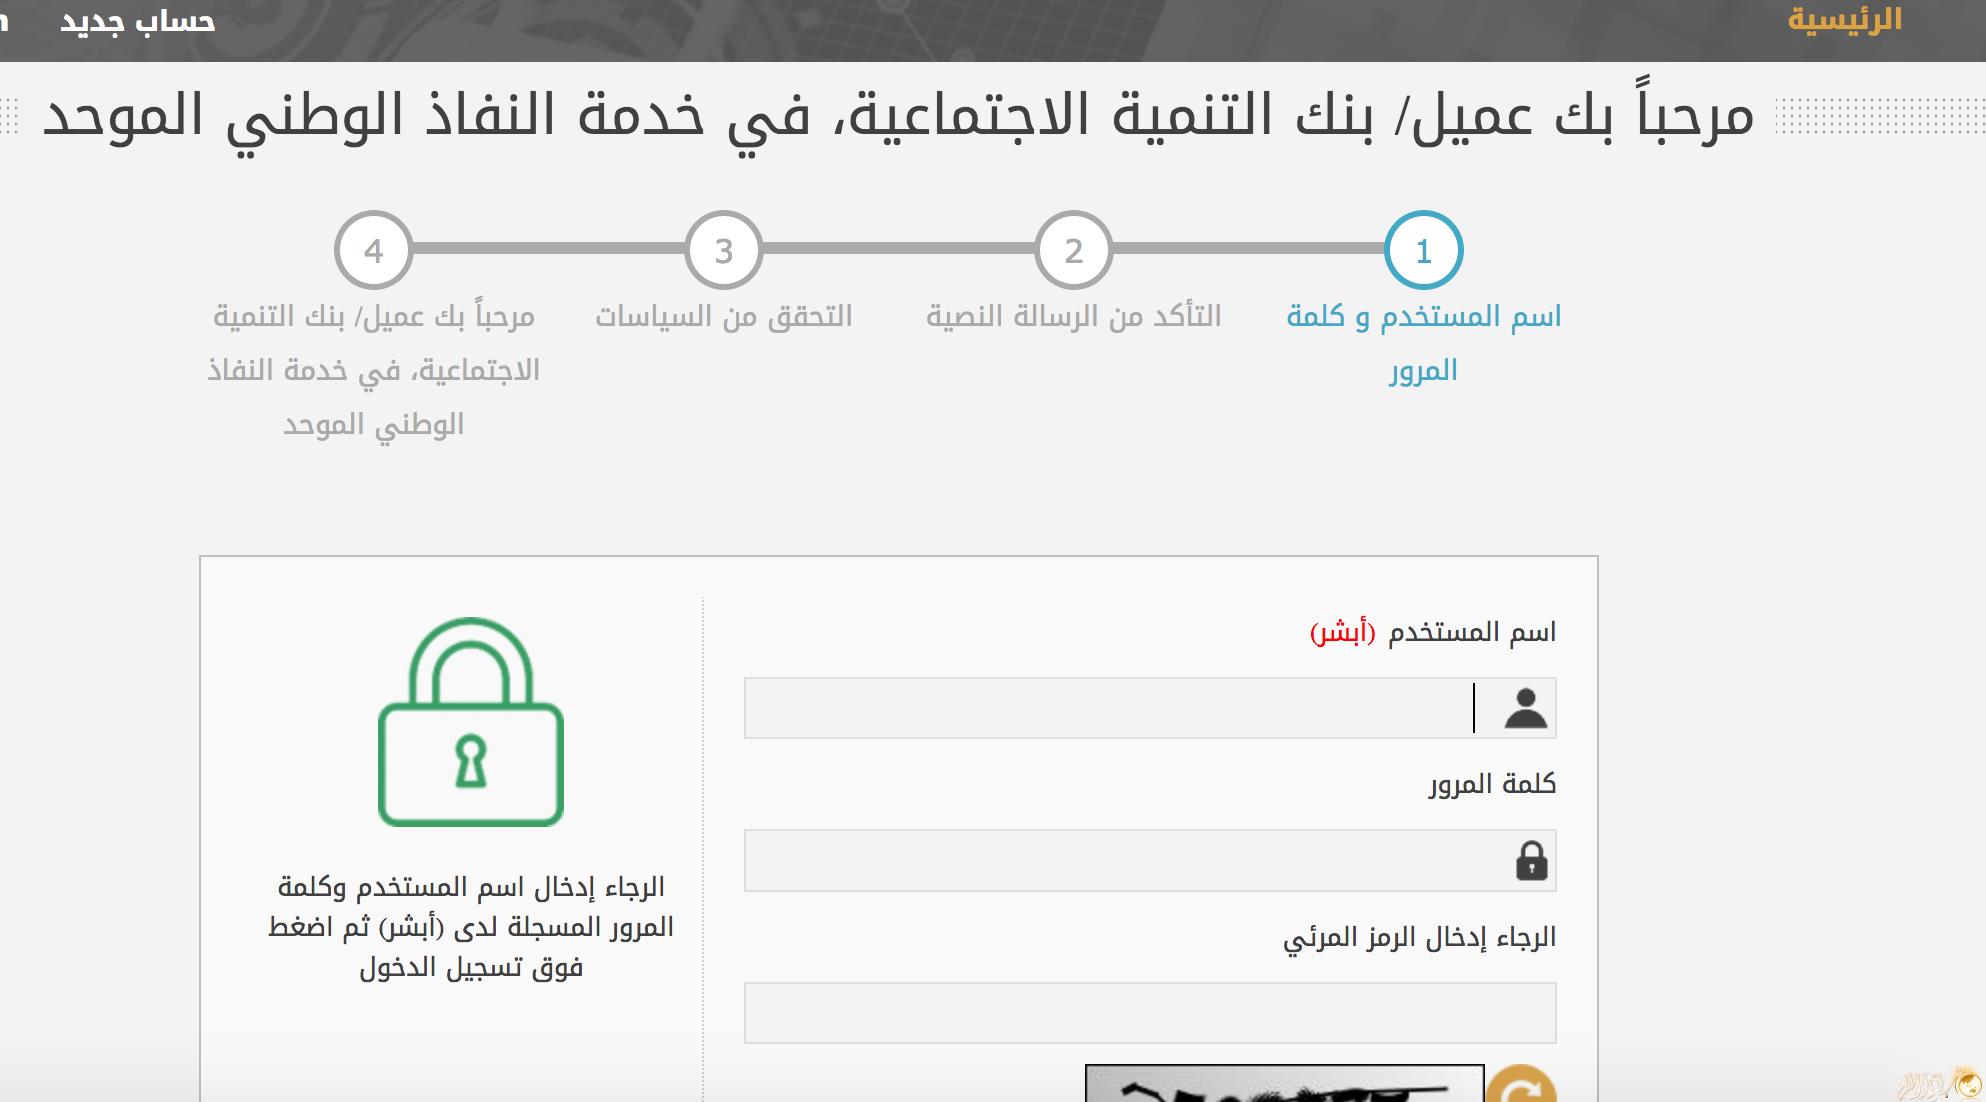 تسجيل دخول بنك التنمية الاجتماعية